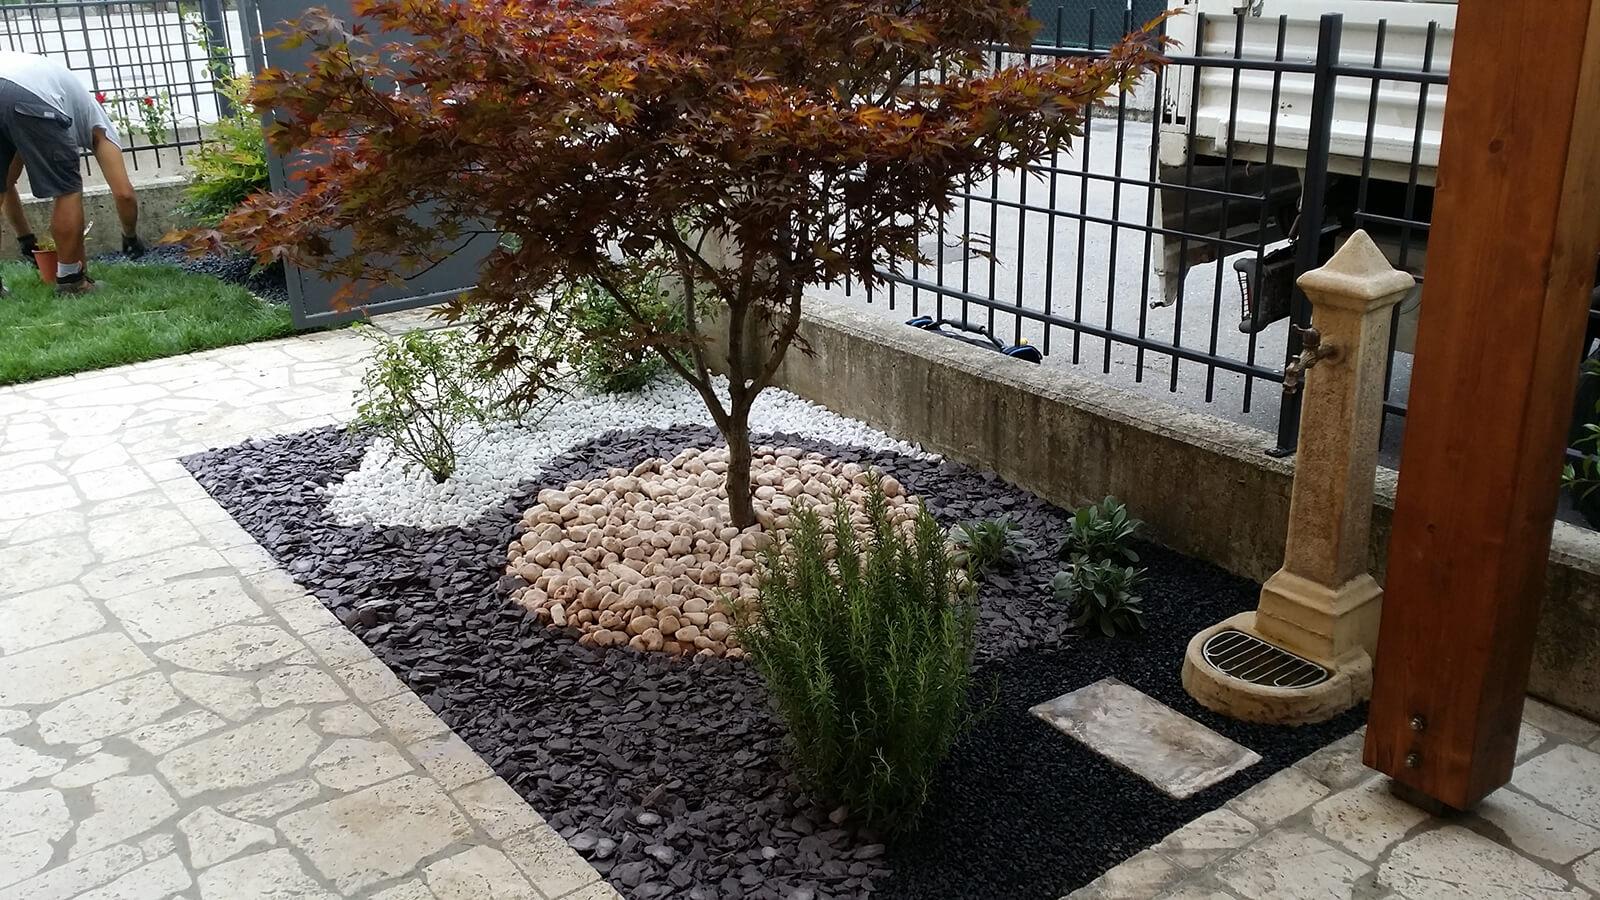 progettazione realizzazione giardini monticello - verde blu giardini 2